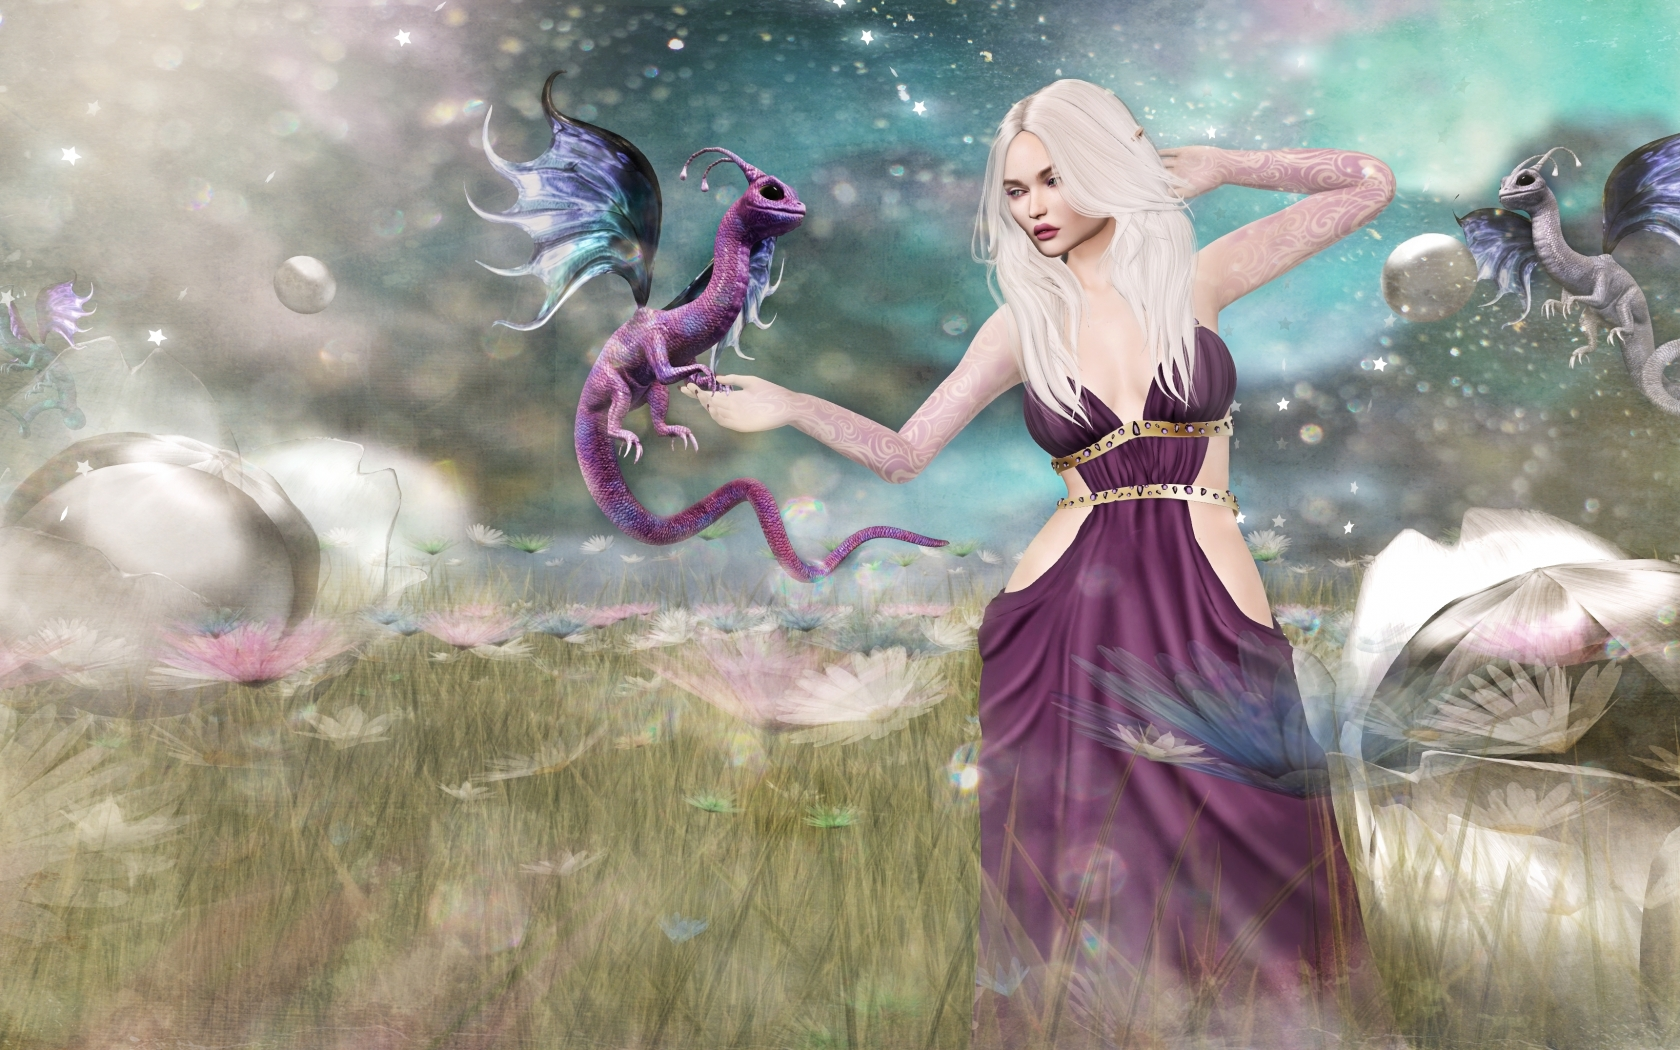 Juego de Tronos Fantasy - 1680x1050